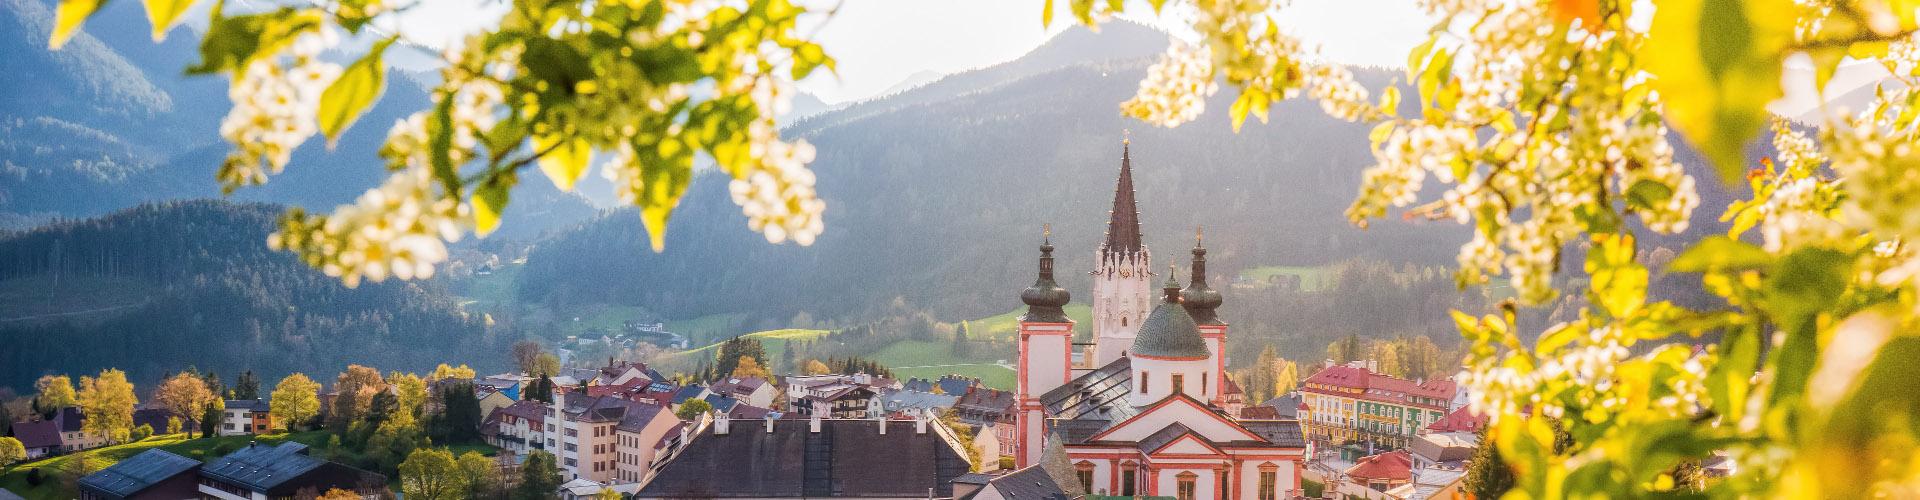 Mariazell im Frühjahr, © www.mariazell.blog